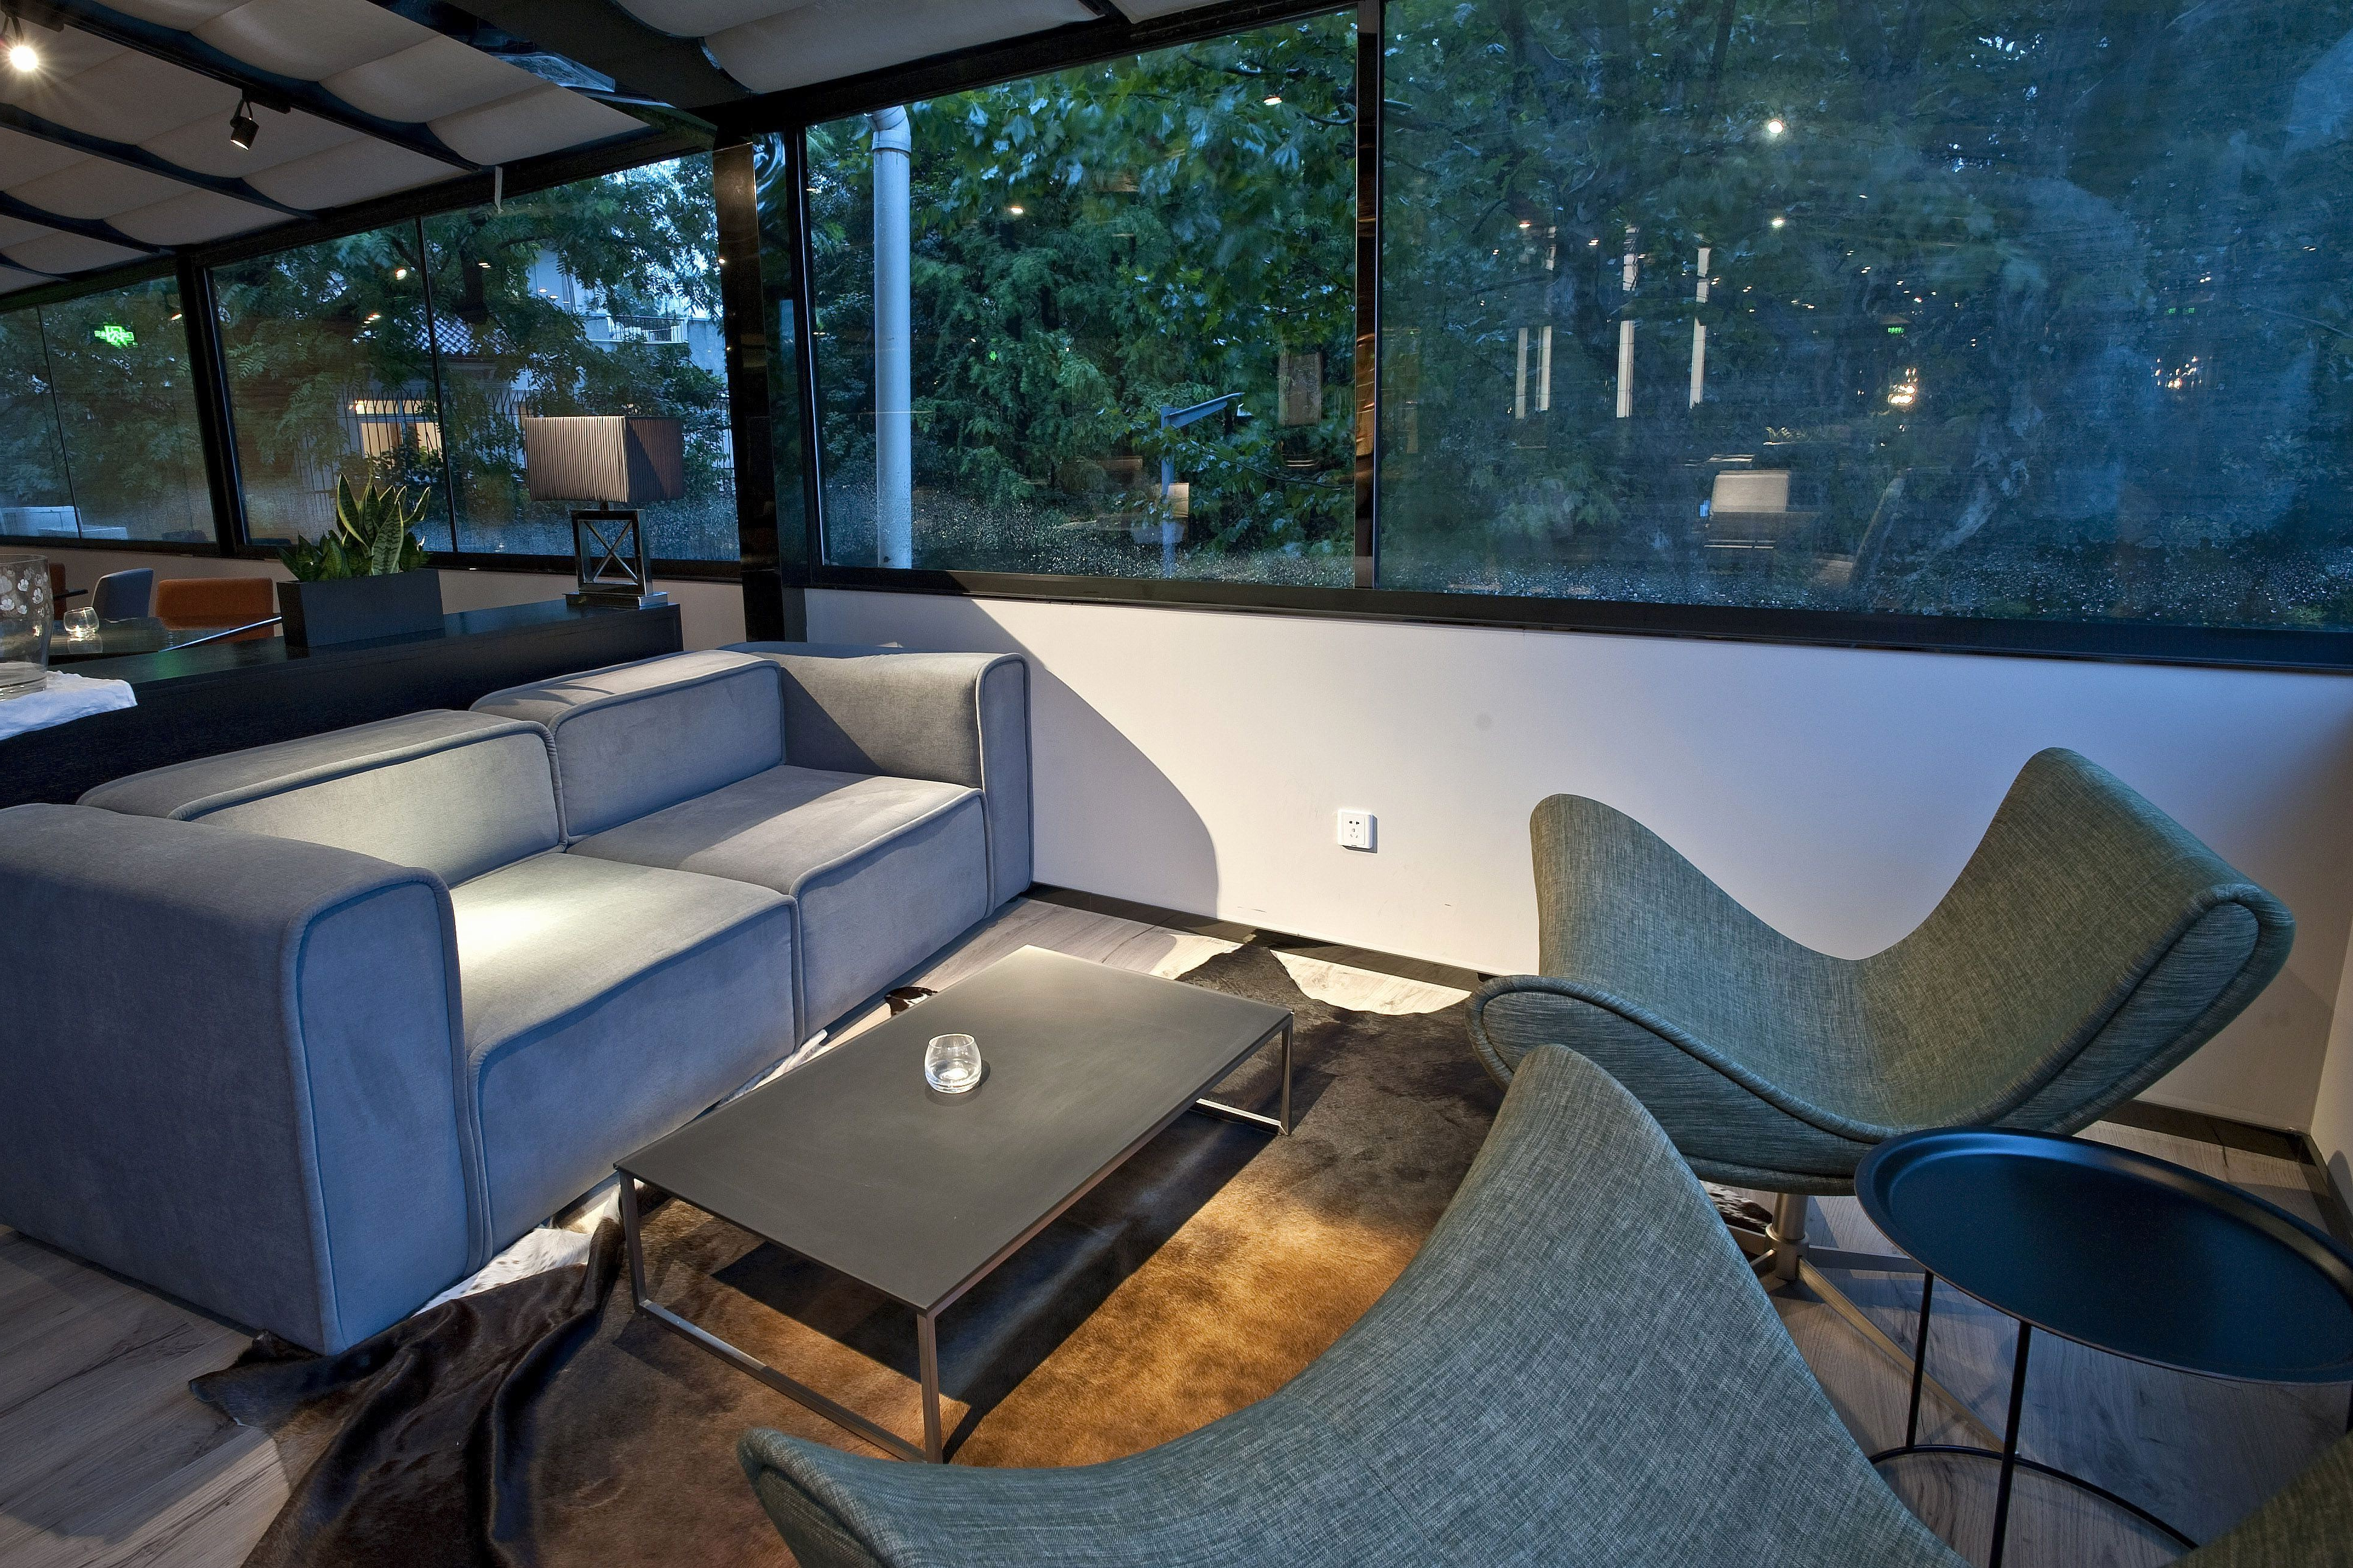 Shiade sofas 9ddf Affascinante Muebles Shiade Beautiful Boconcept Carmo sofa and Imola